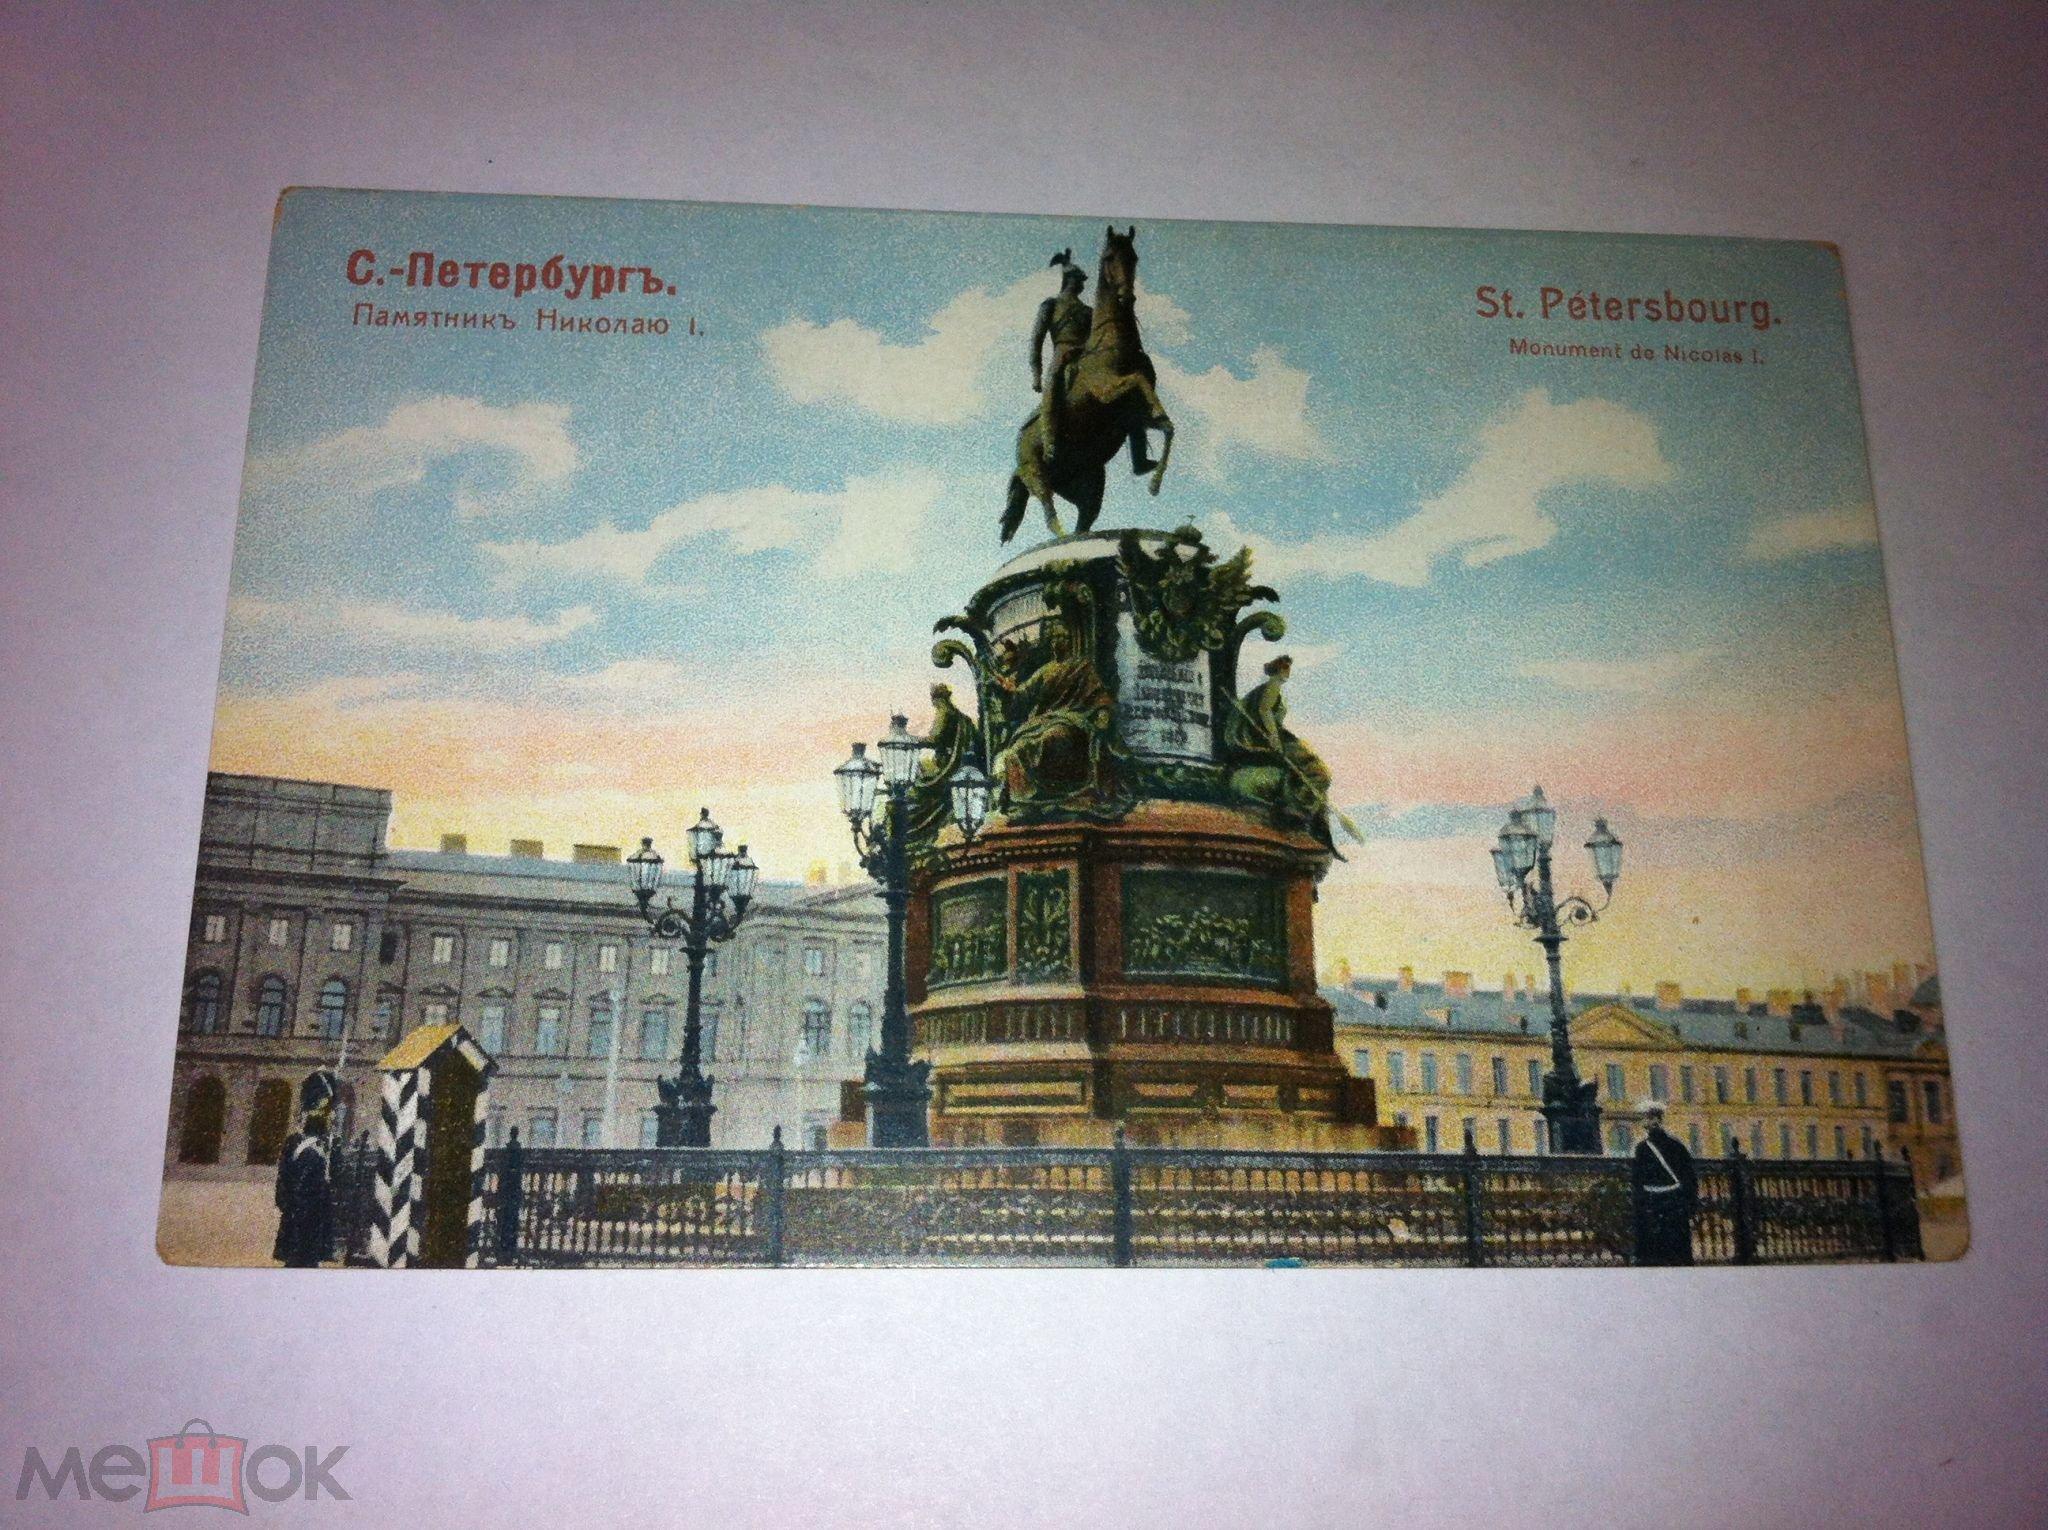 Февраля, открытки с санкт-петербургом с памятником